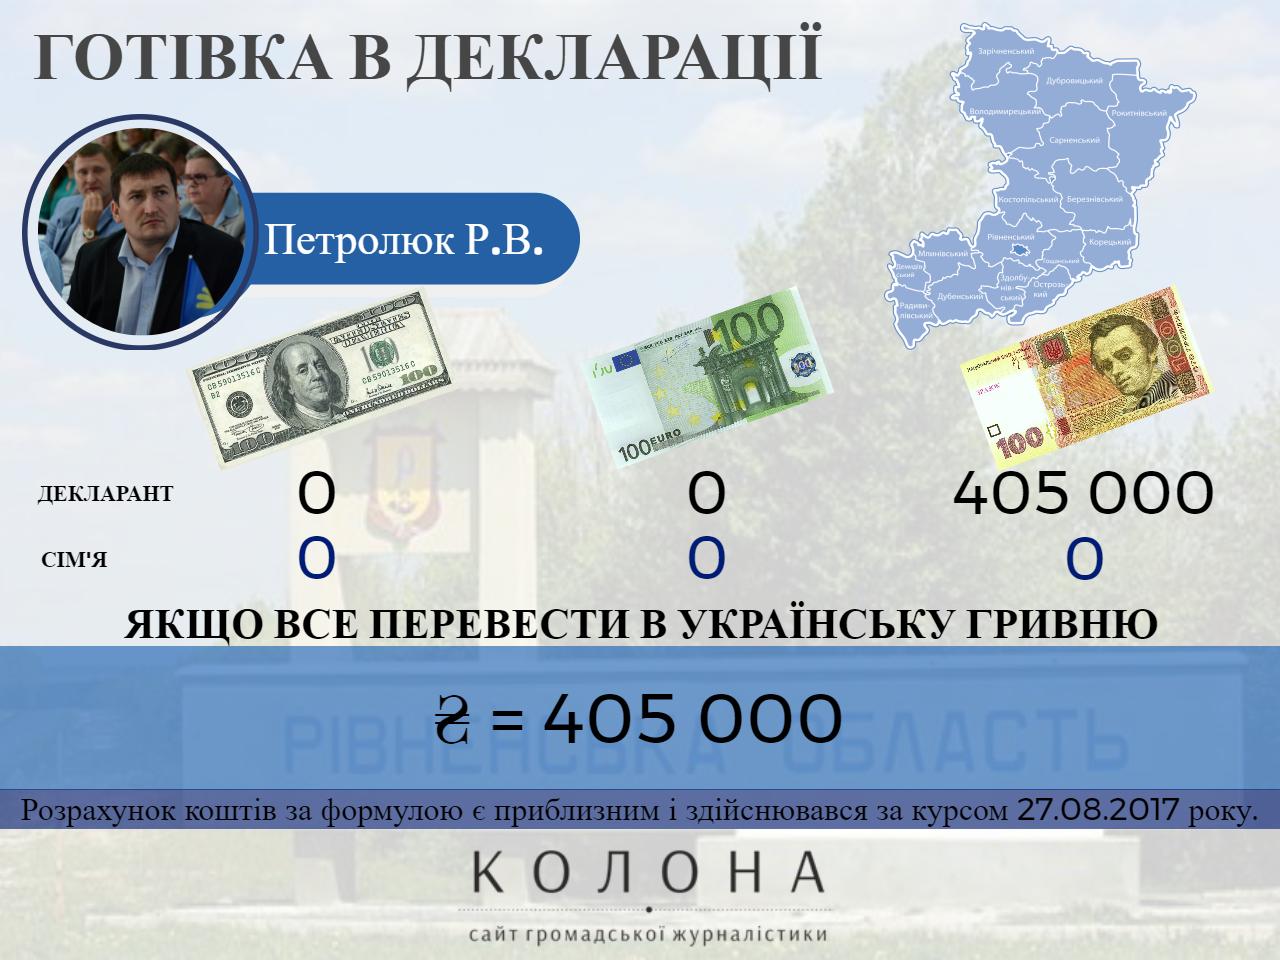 Петролюк Роман Васильович